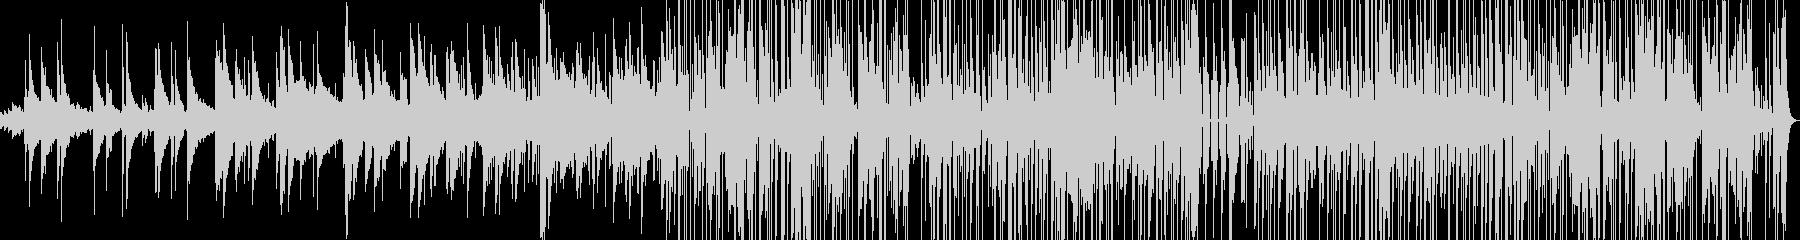 サラサラ ジャズ ポップ ロック ...の未再生の波形